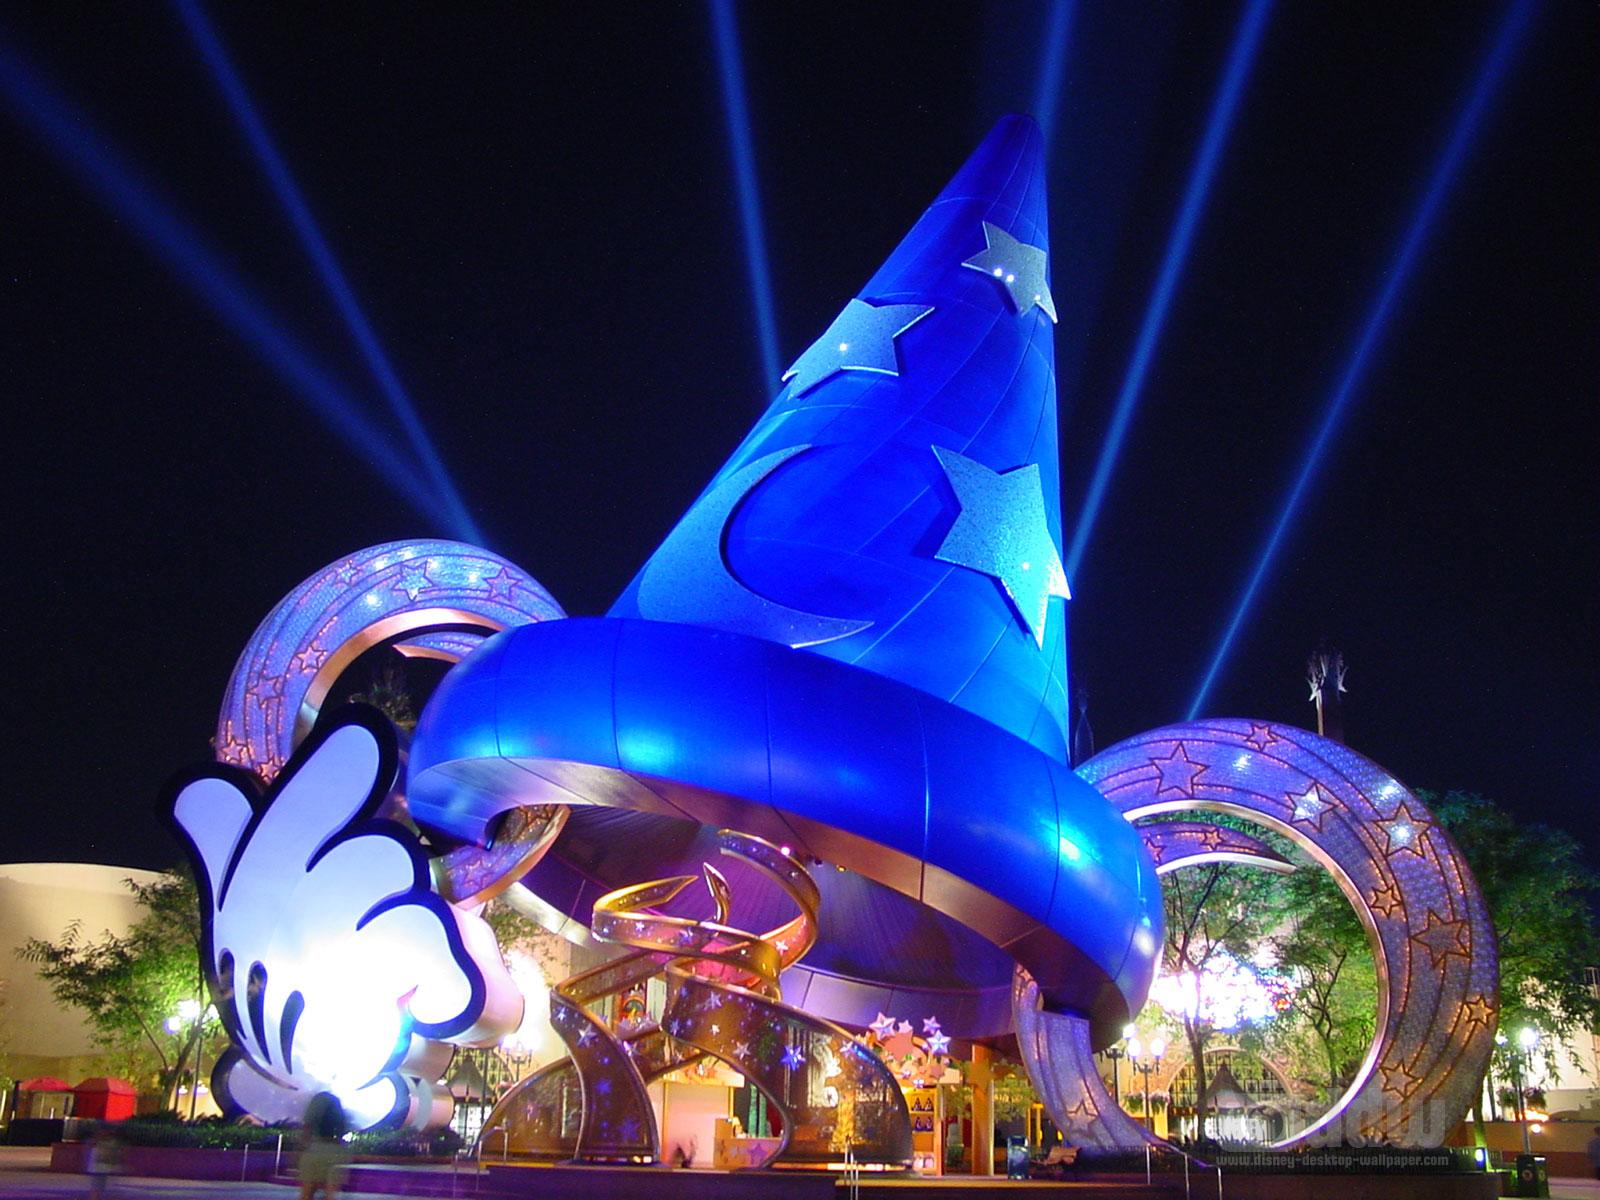 http://1.bp.blogspot.com/-idkyxLp9NeU/T8QDmz64ltI/AAAAAAAACJo/rzBZBQaF6Ok/s1600/Disney_MGM_Studios.jpg